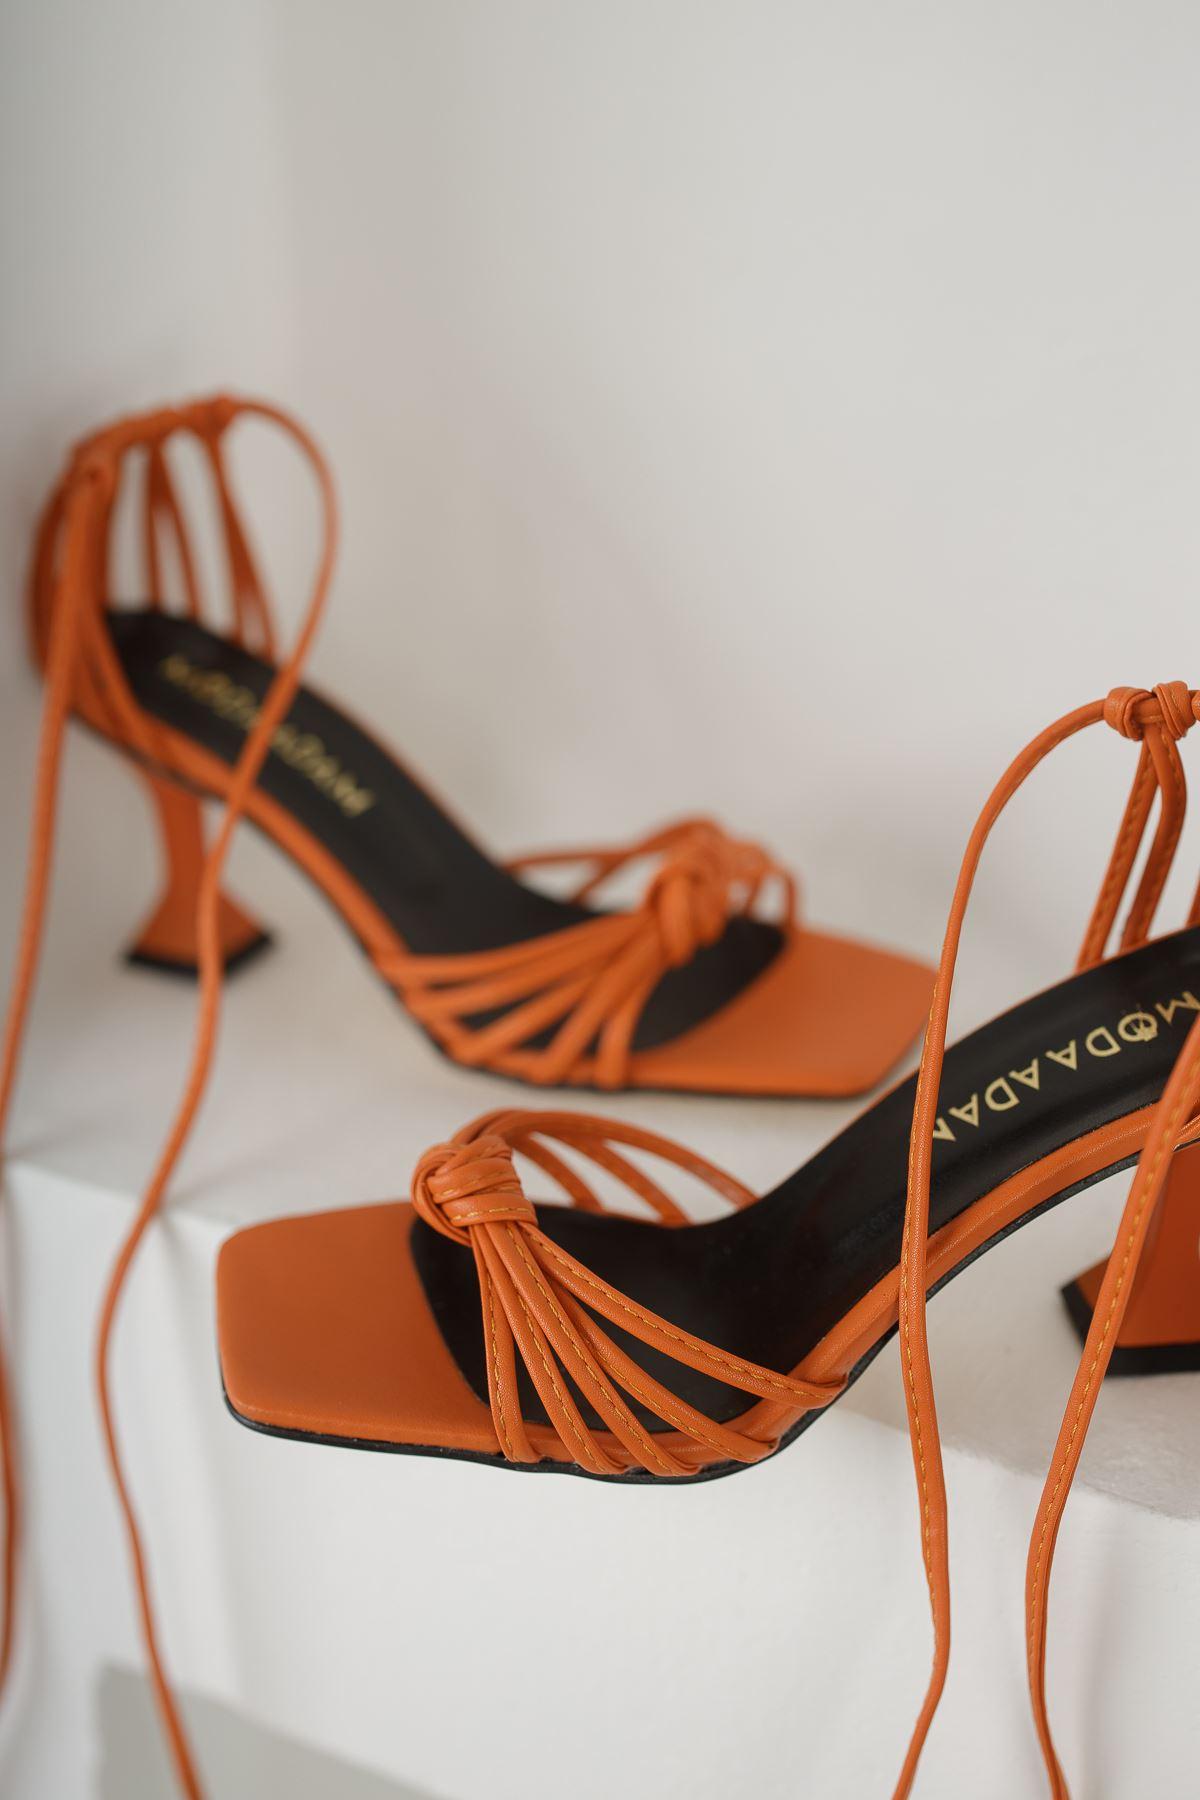 Kadın Gladis Mat Turuncu Topuklu Ayakkabı Deri Bilekten Bağlama Detaylı